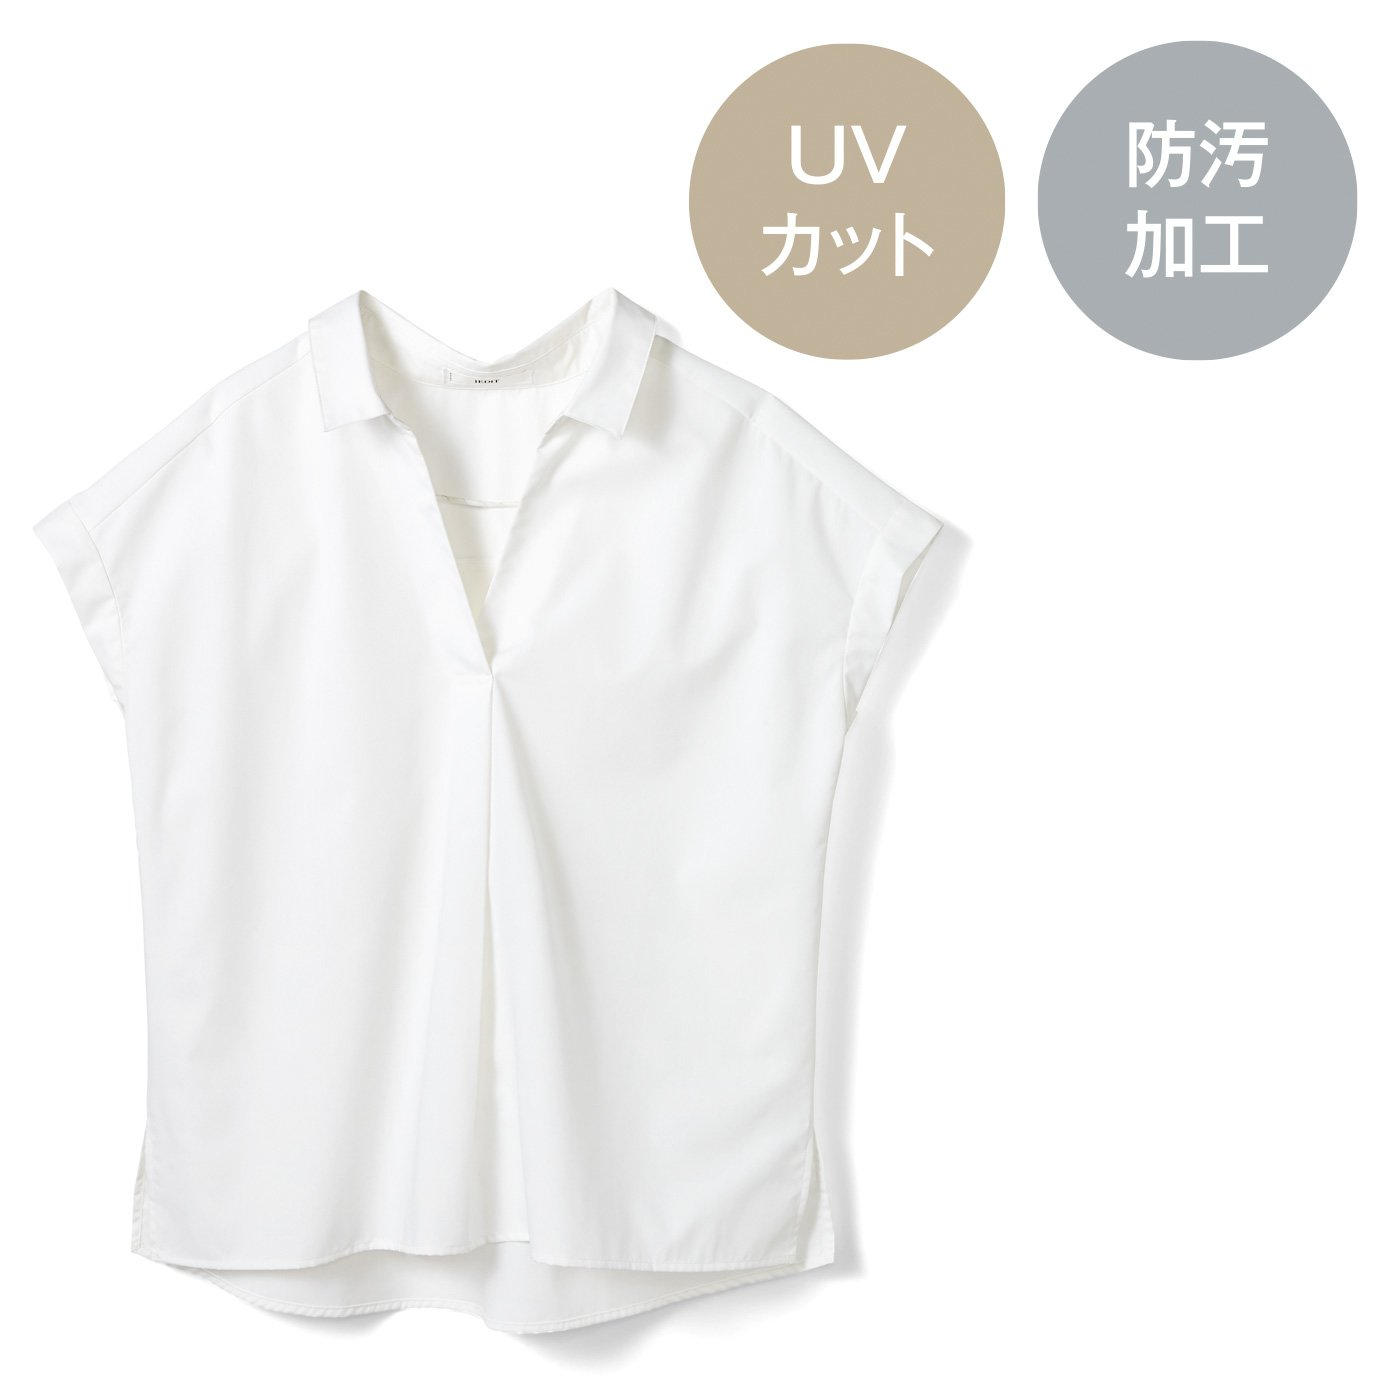 IEDIT[イディット] UVカット&防汚加工!クレバー素材のこなれシャツプルオーバーの会